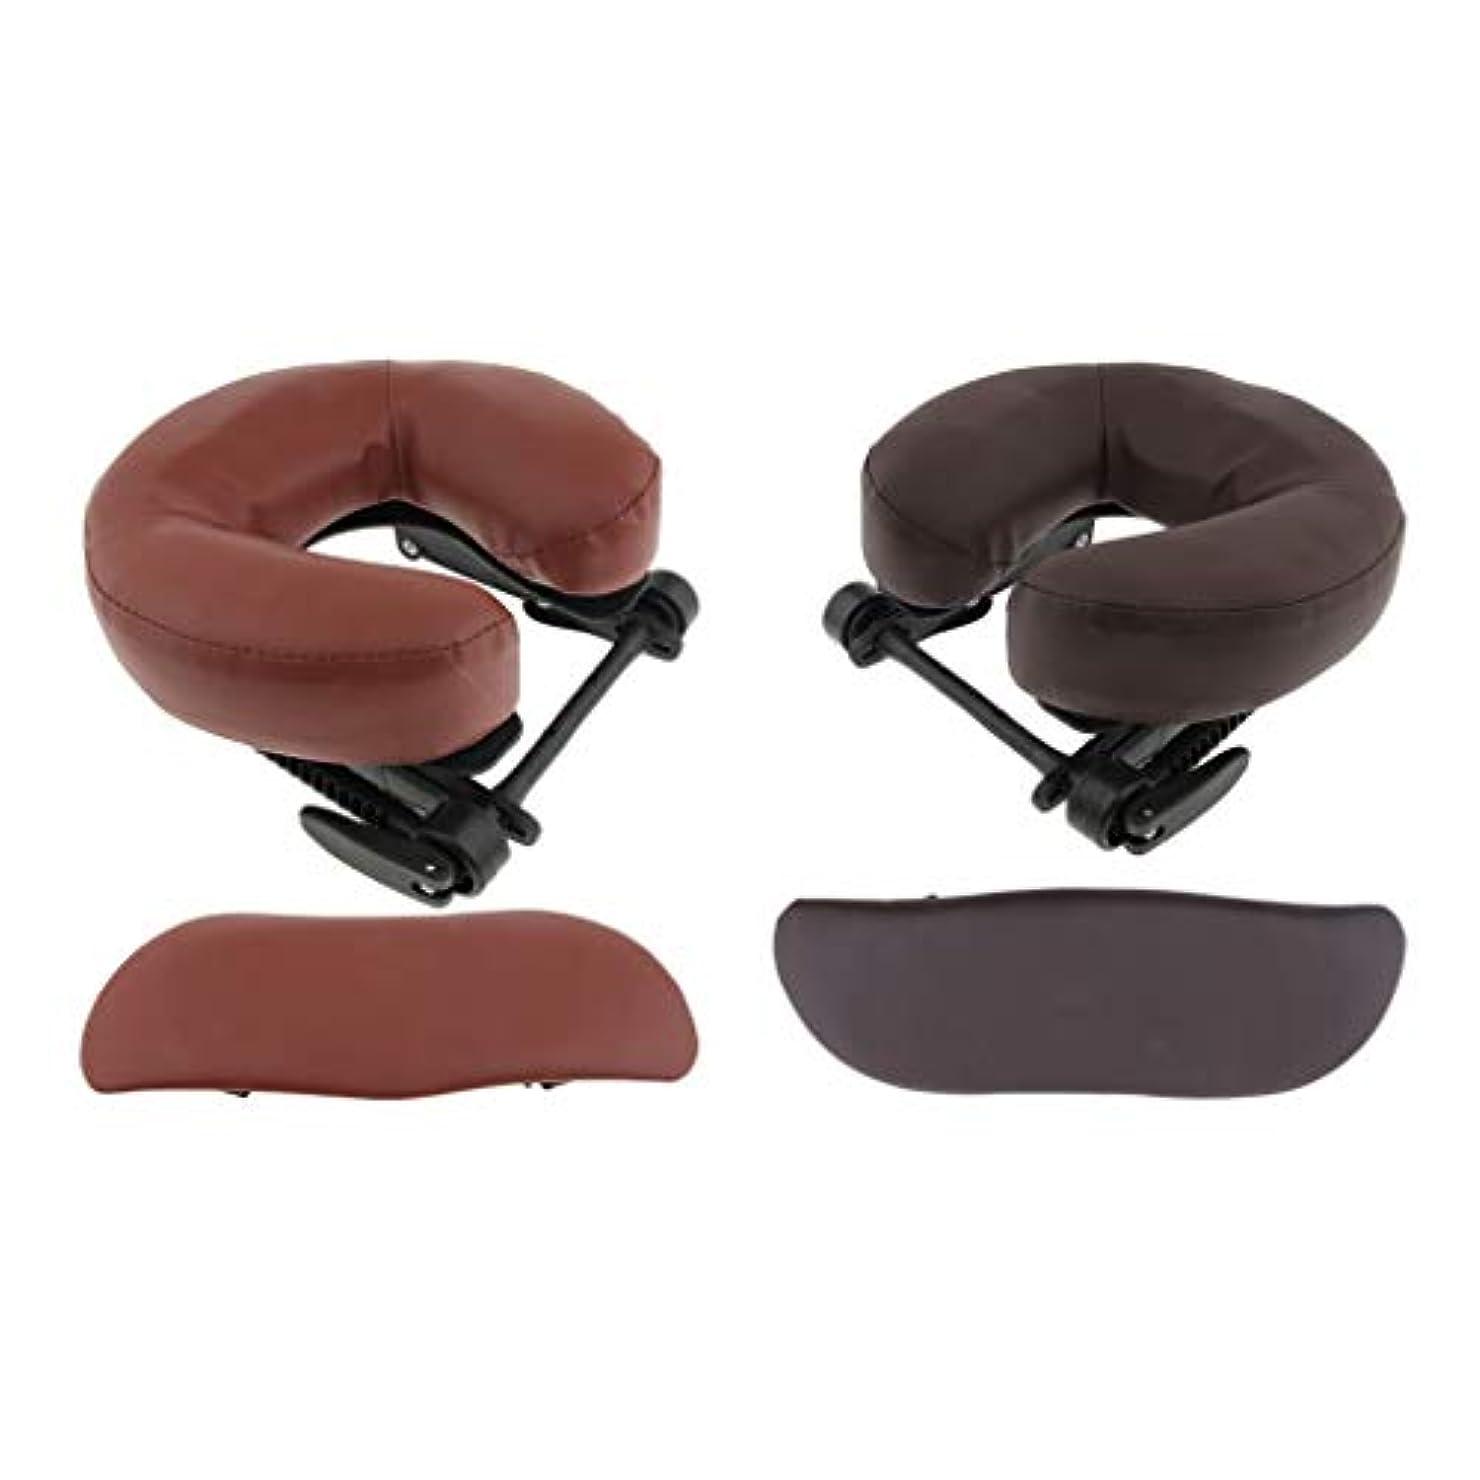 敬の念フレッシュゴシップsharprepublic マッサージ テーブル 枕クッション U字型 完璧な アクセサリー 実用性